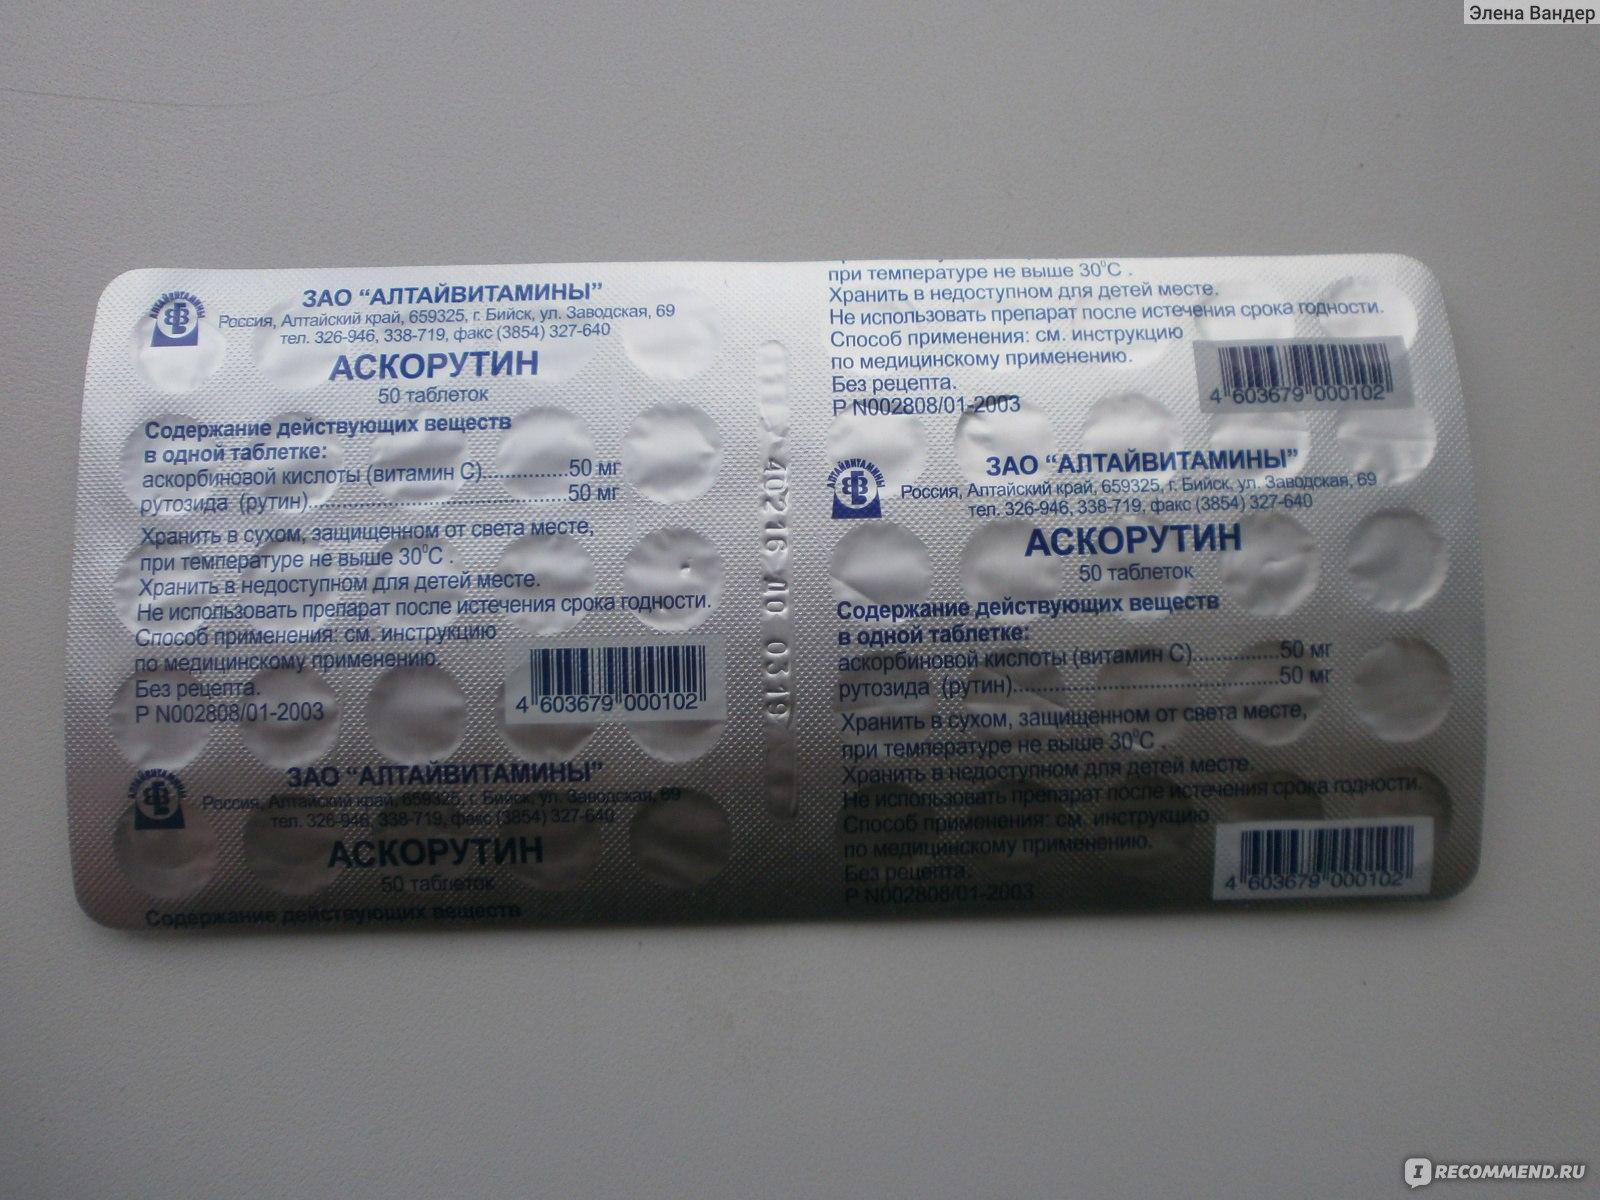 Аскорутин при месячных: инструкция по применению и отзывы о его действии